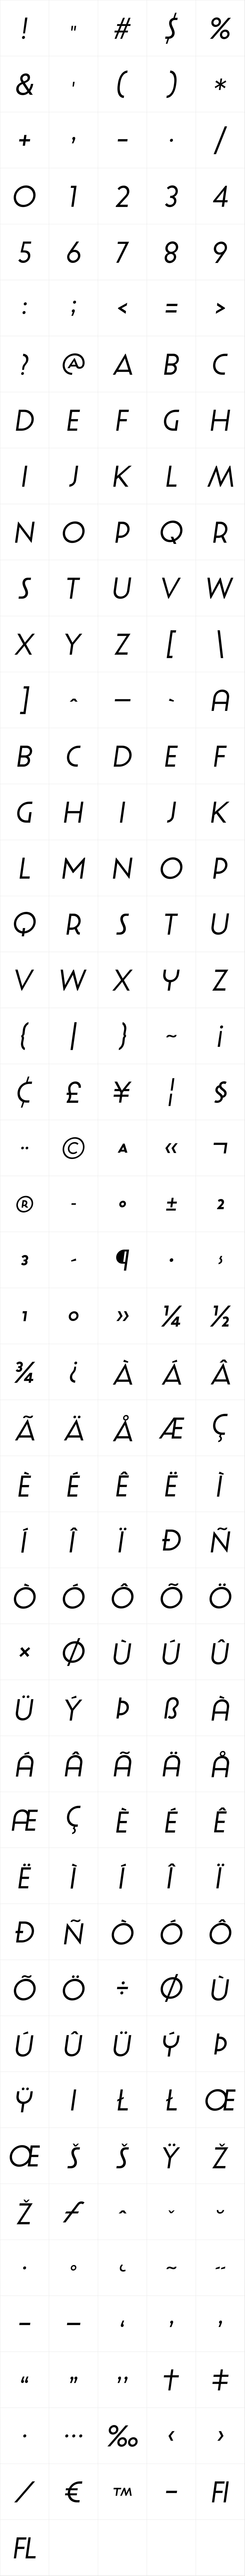 Uomo Italic